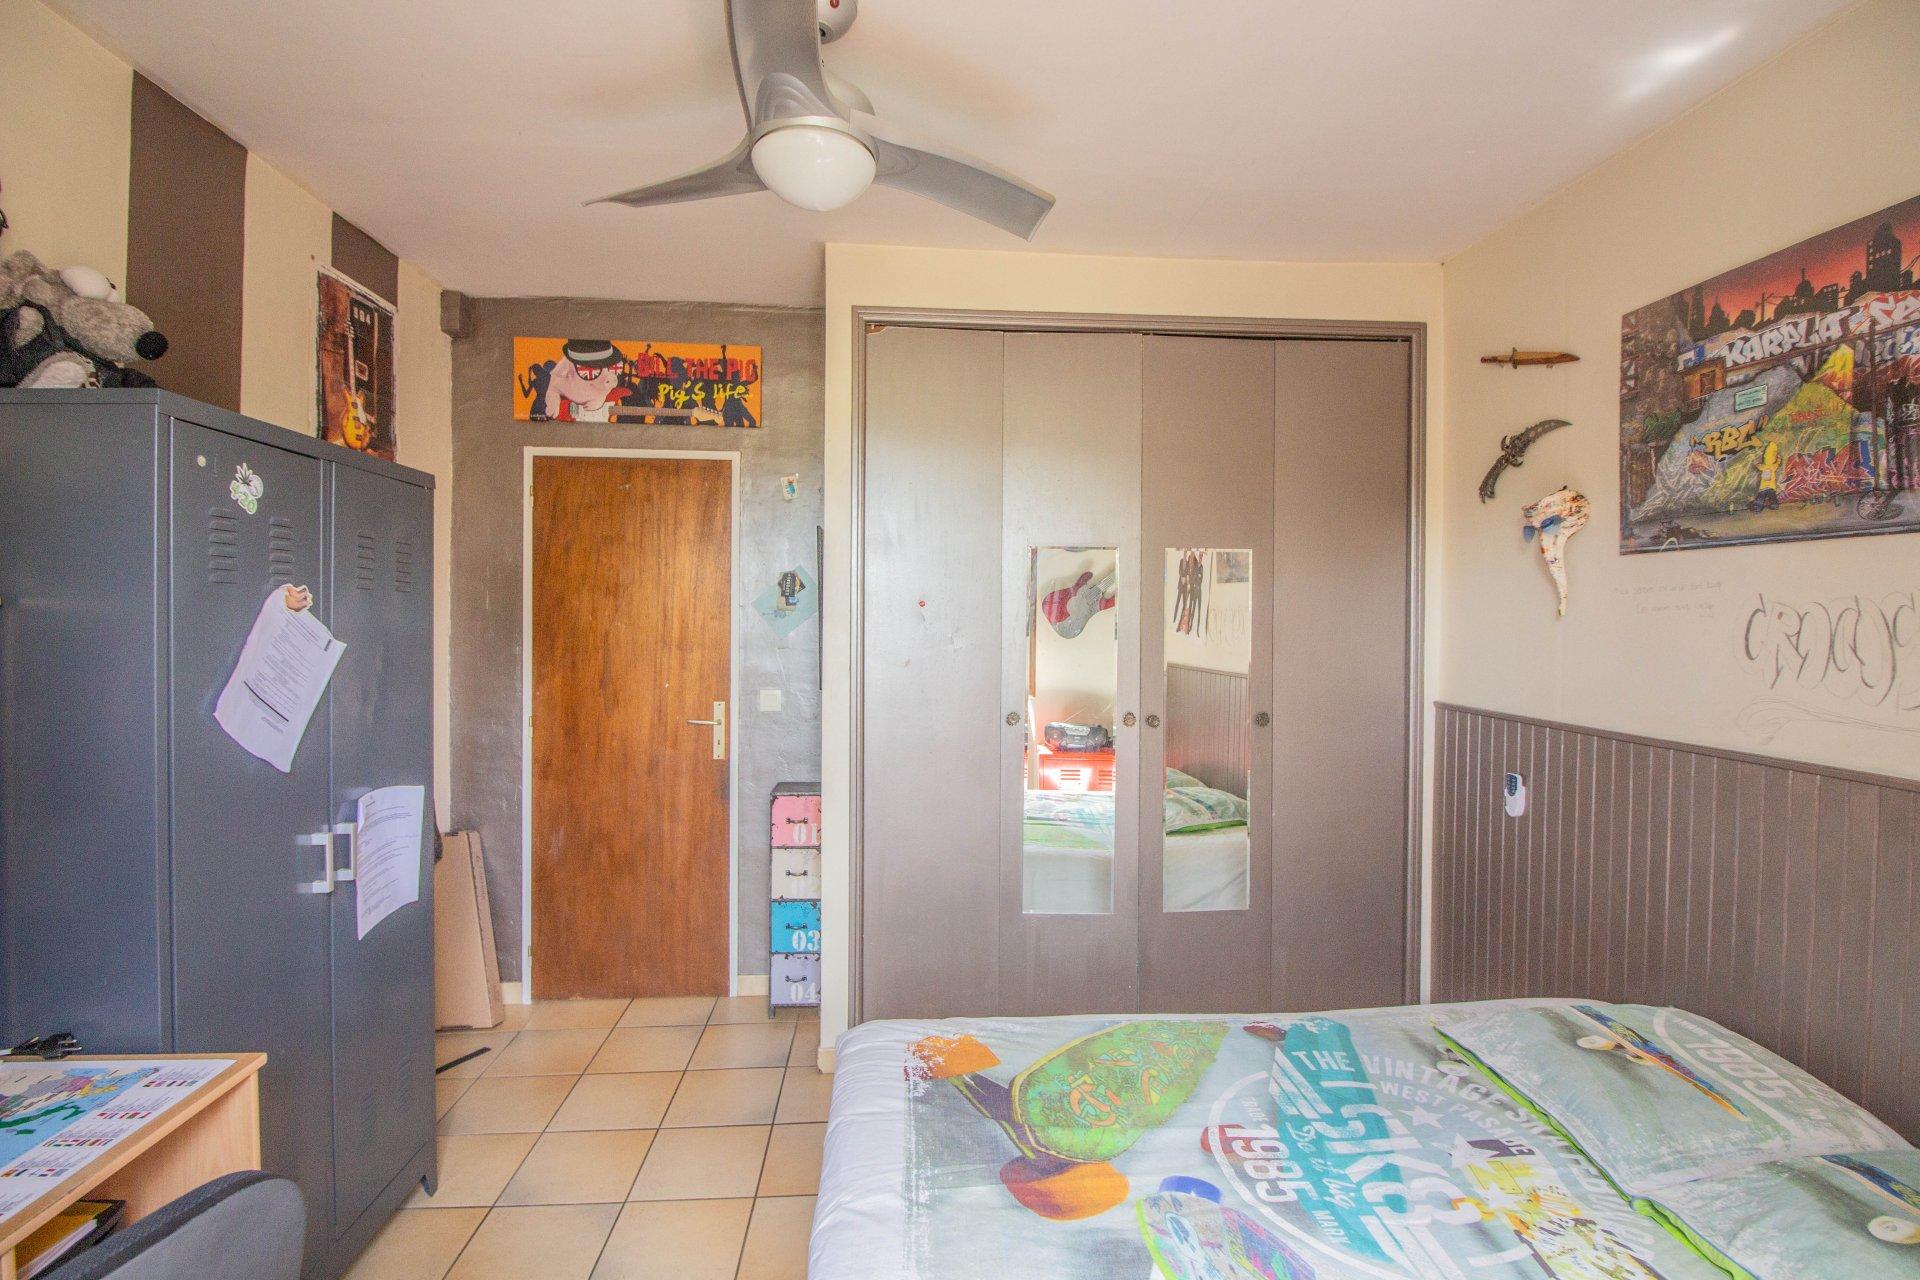 LA VACANCIERE - Villa T5 140m2 + Dépendance 50m2 + Jardin + Piscine